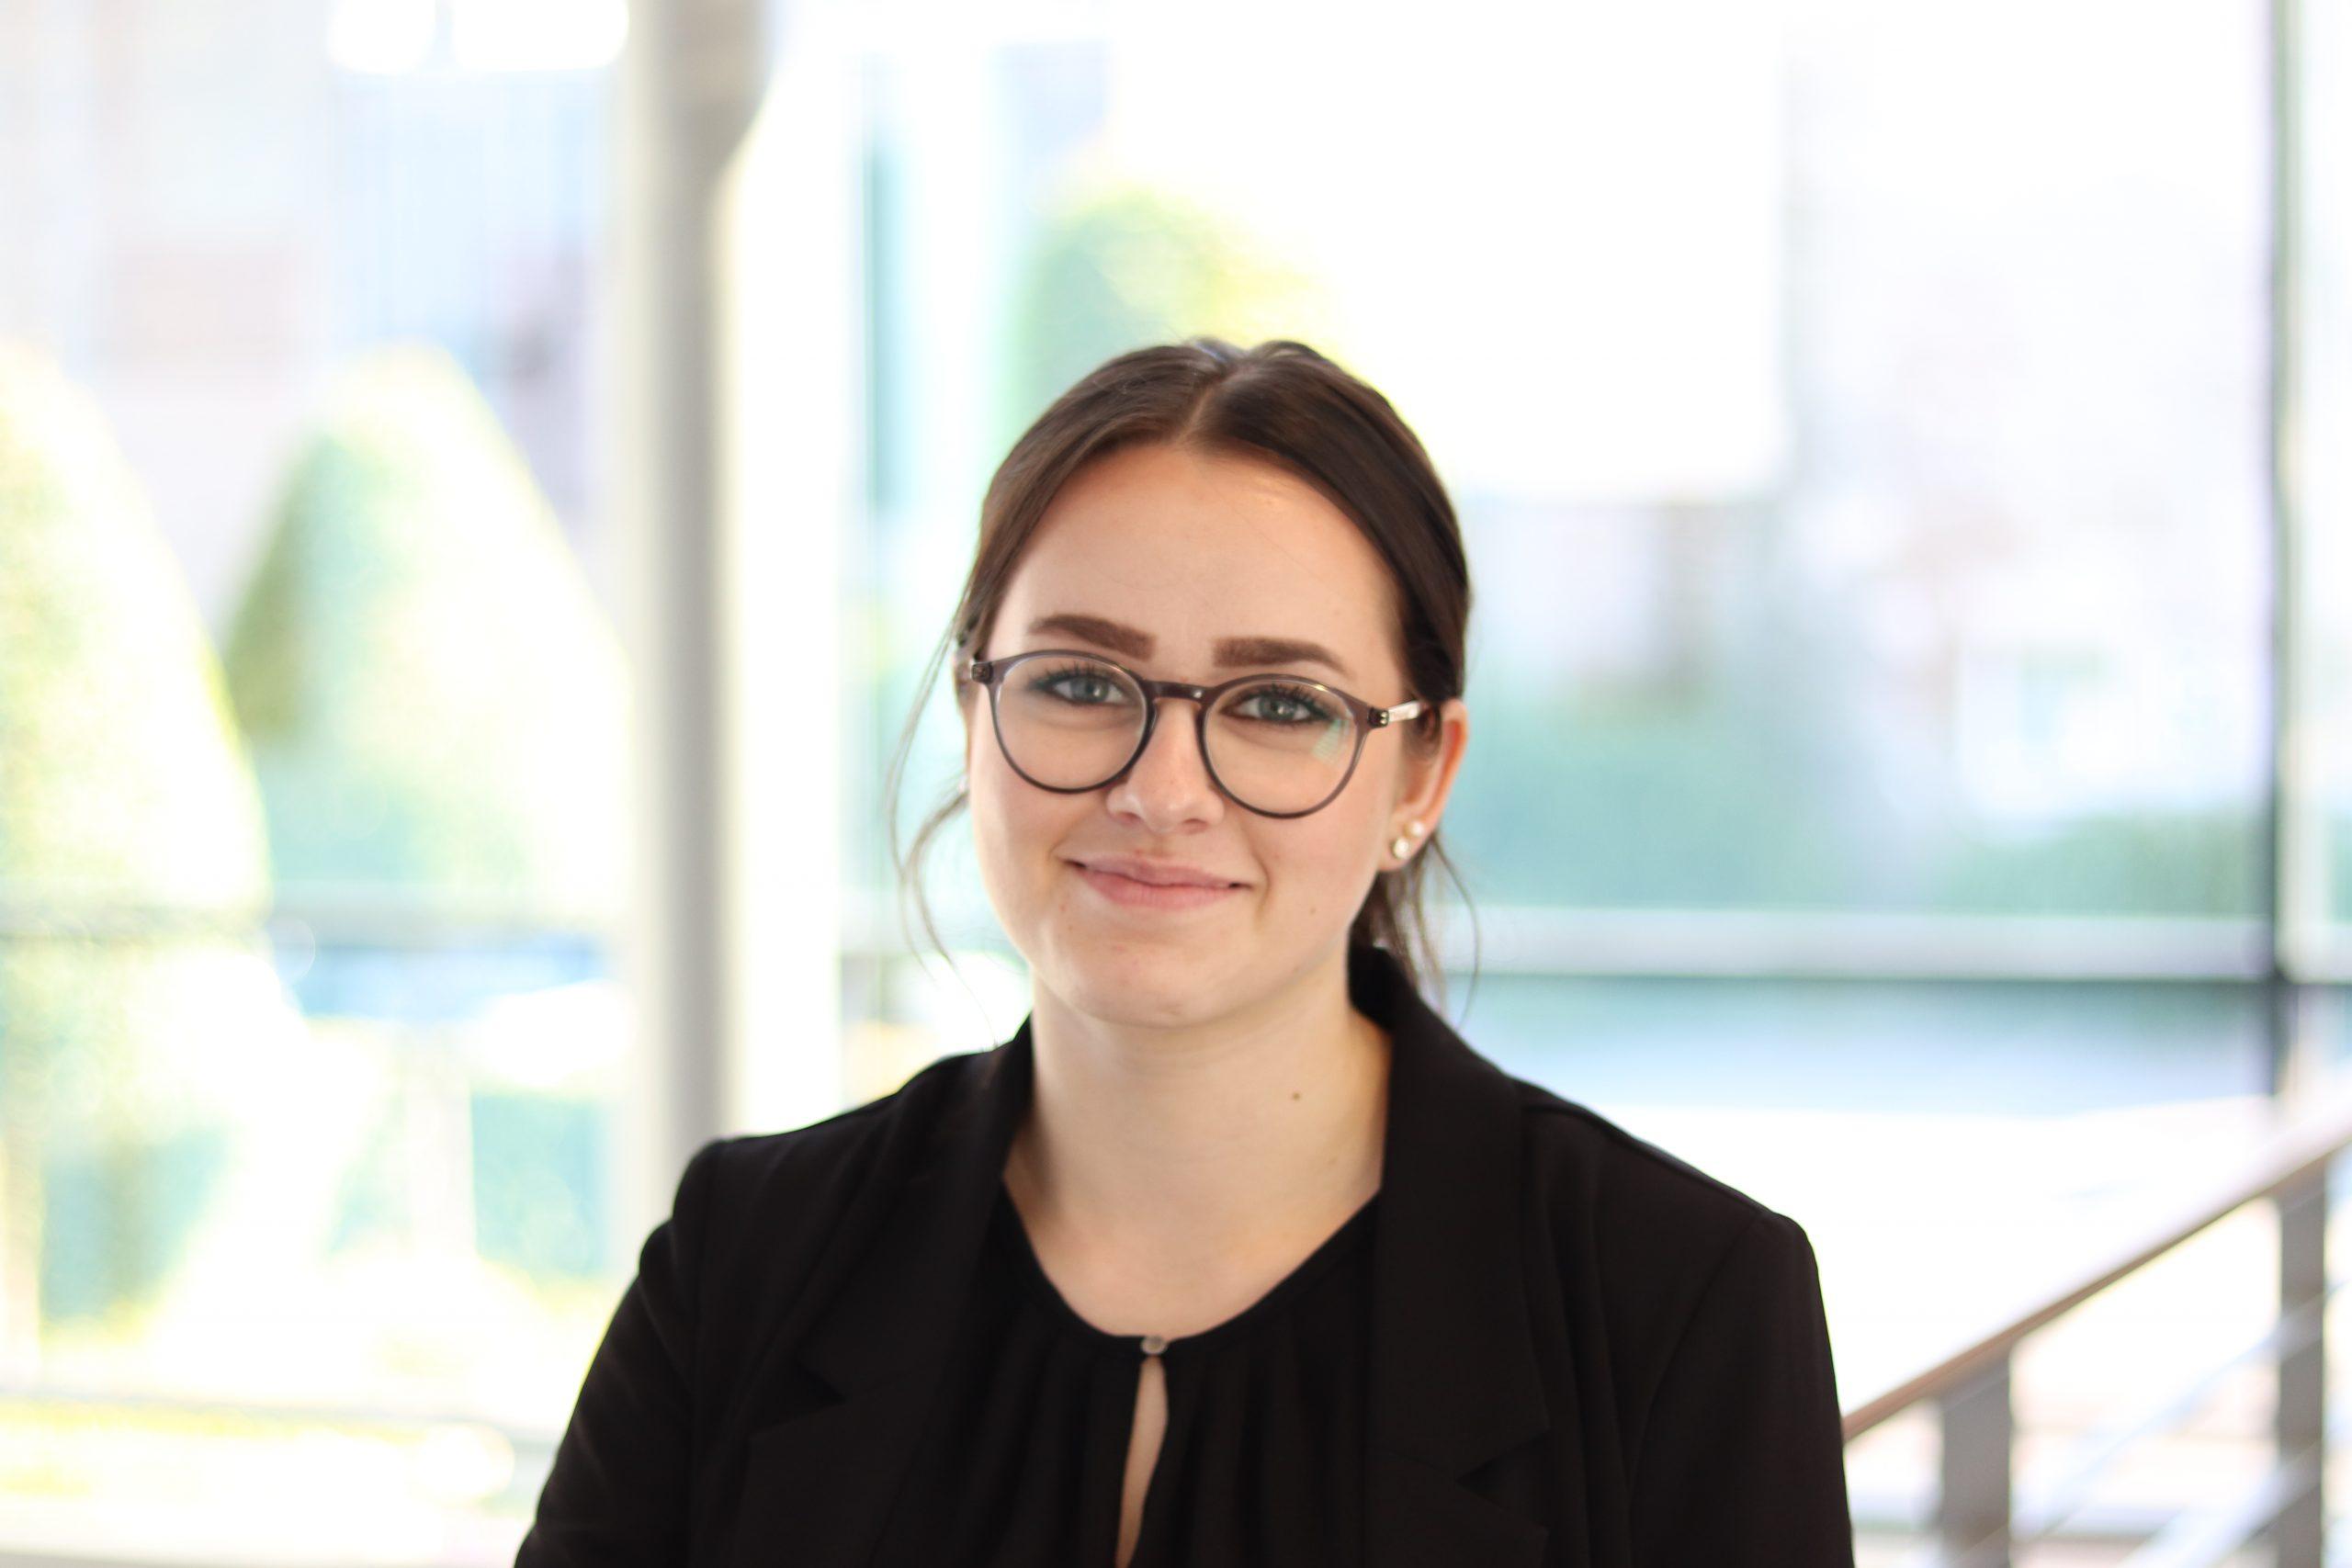 Kim-Lina Möller